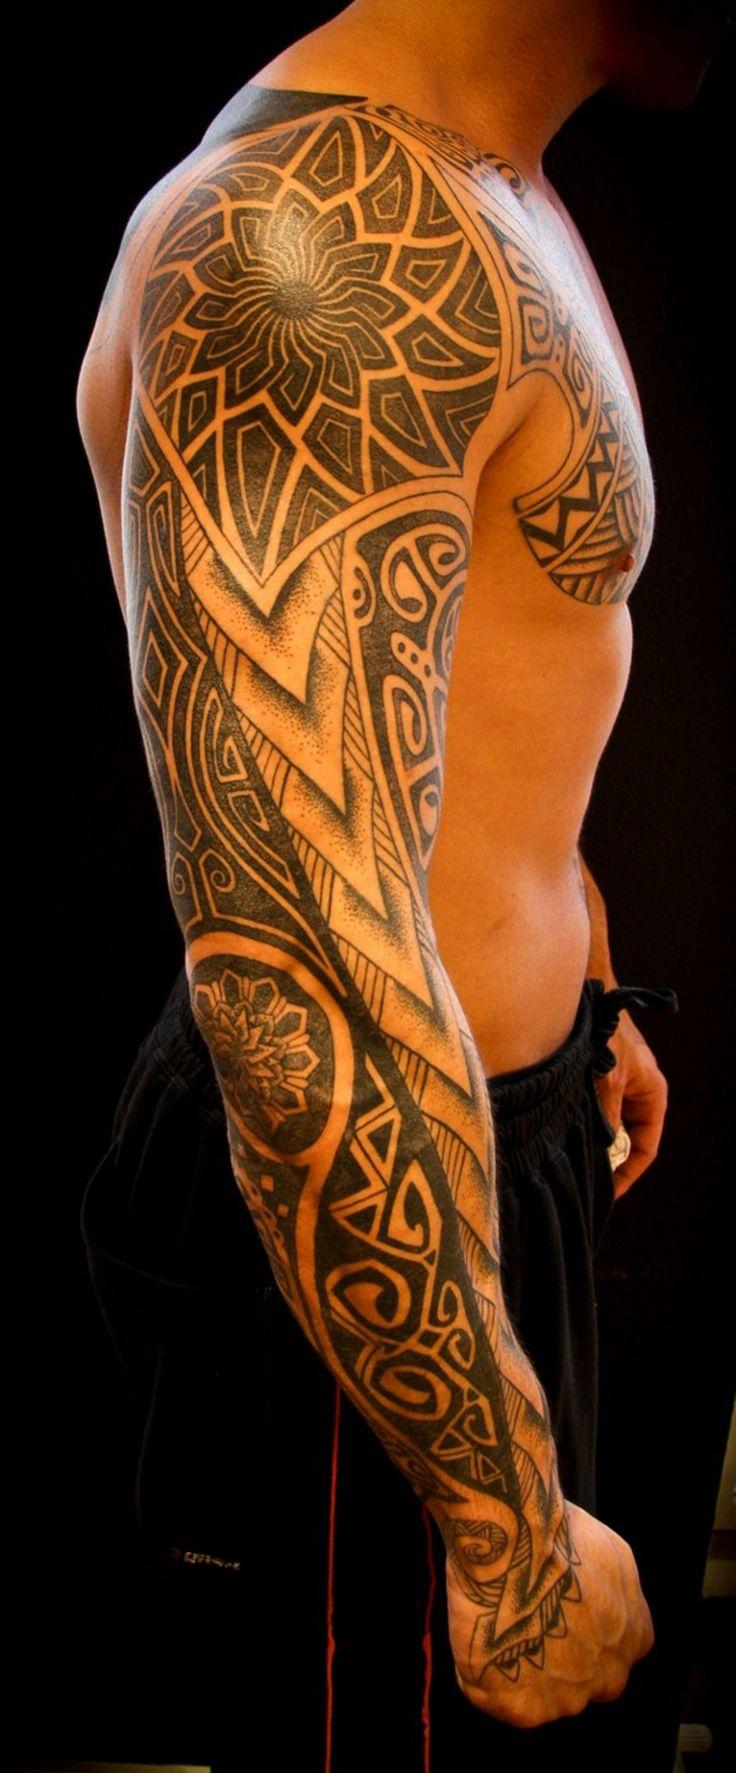 Polynesische Maori Tattoos: Bedeutung der Tribalsmotive